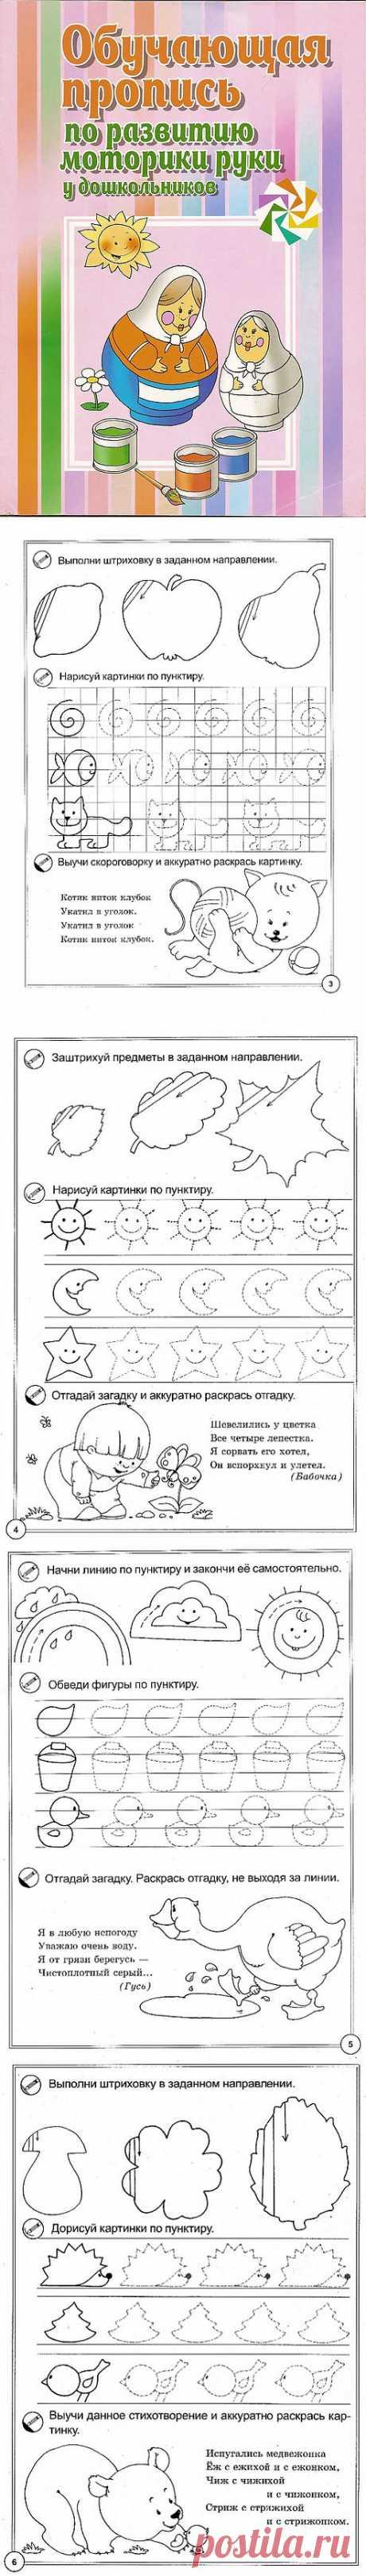 Обучающая пропись по развитию моторики руки у дошкольников..